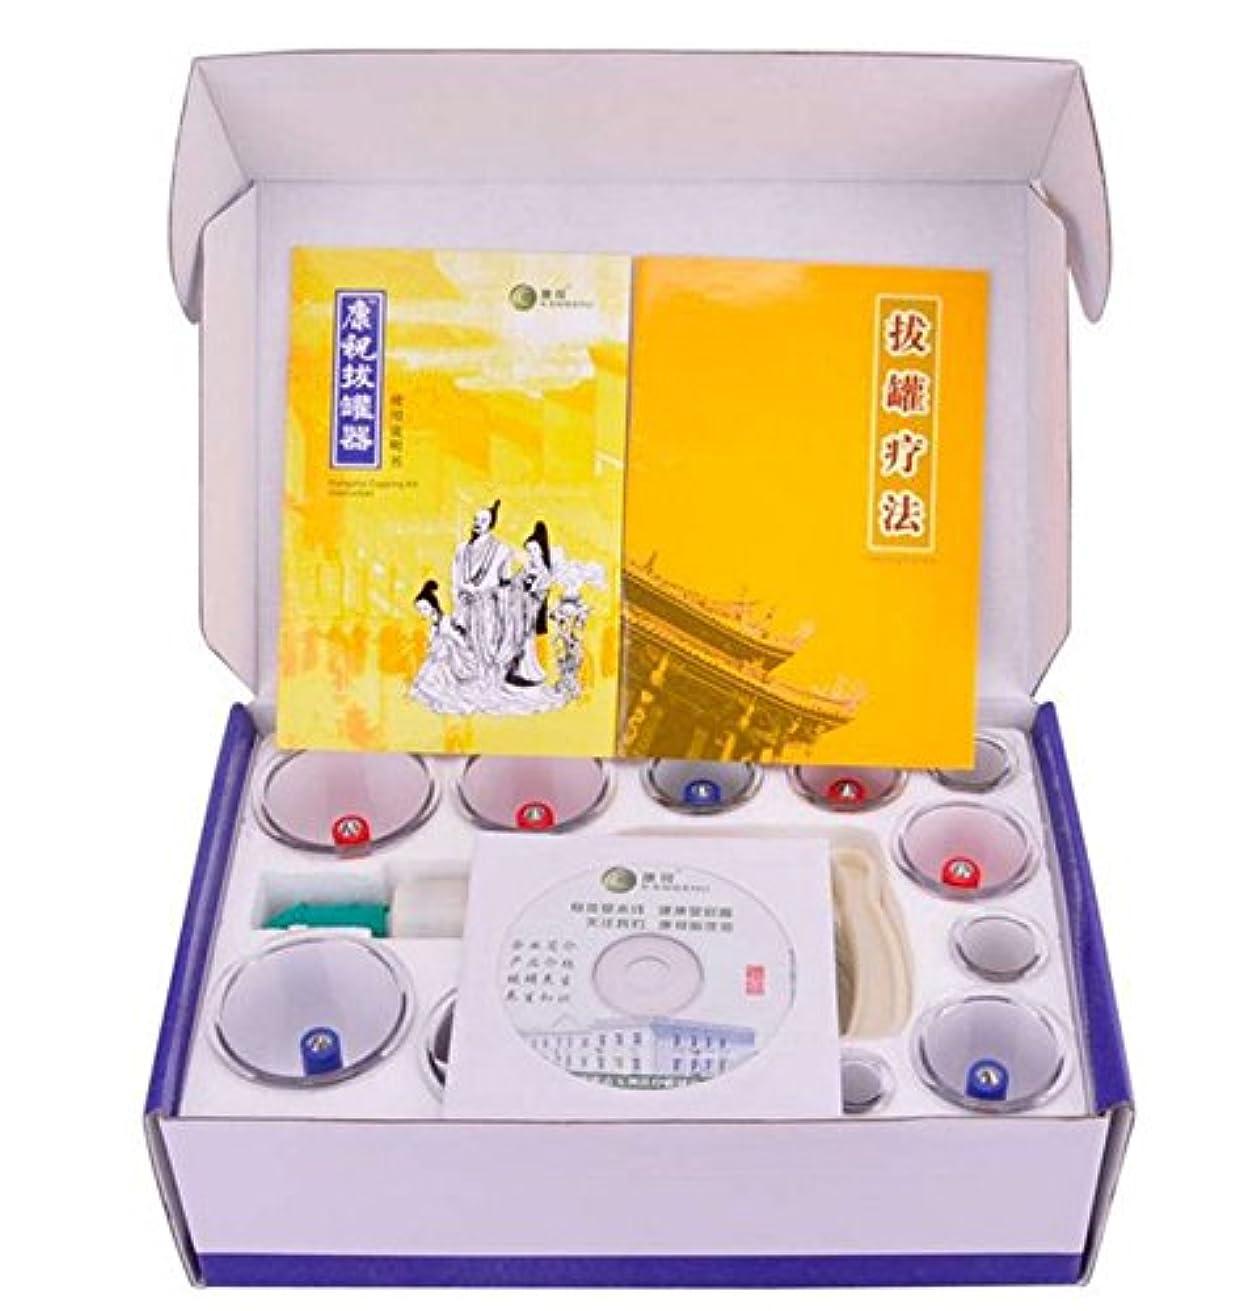 アテンダント排除する綺麗なJiaYi 新しい伝統医療Kangzhu12-カップ生体磁気中国のカッピング療法マッサージセット